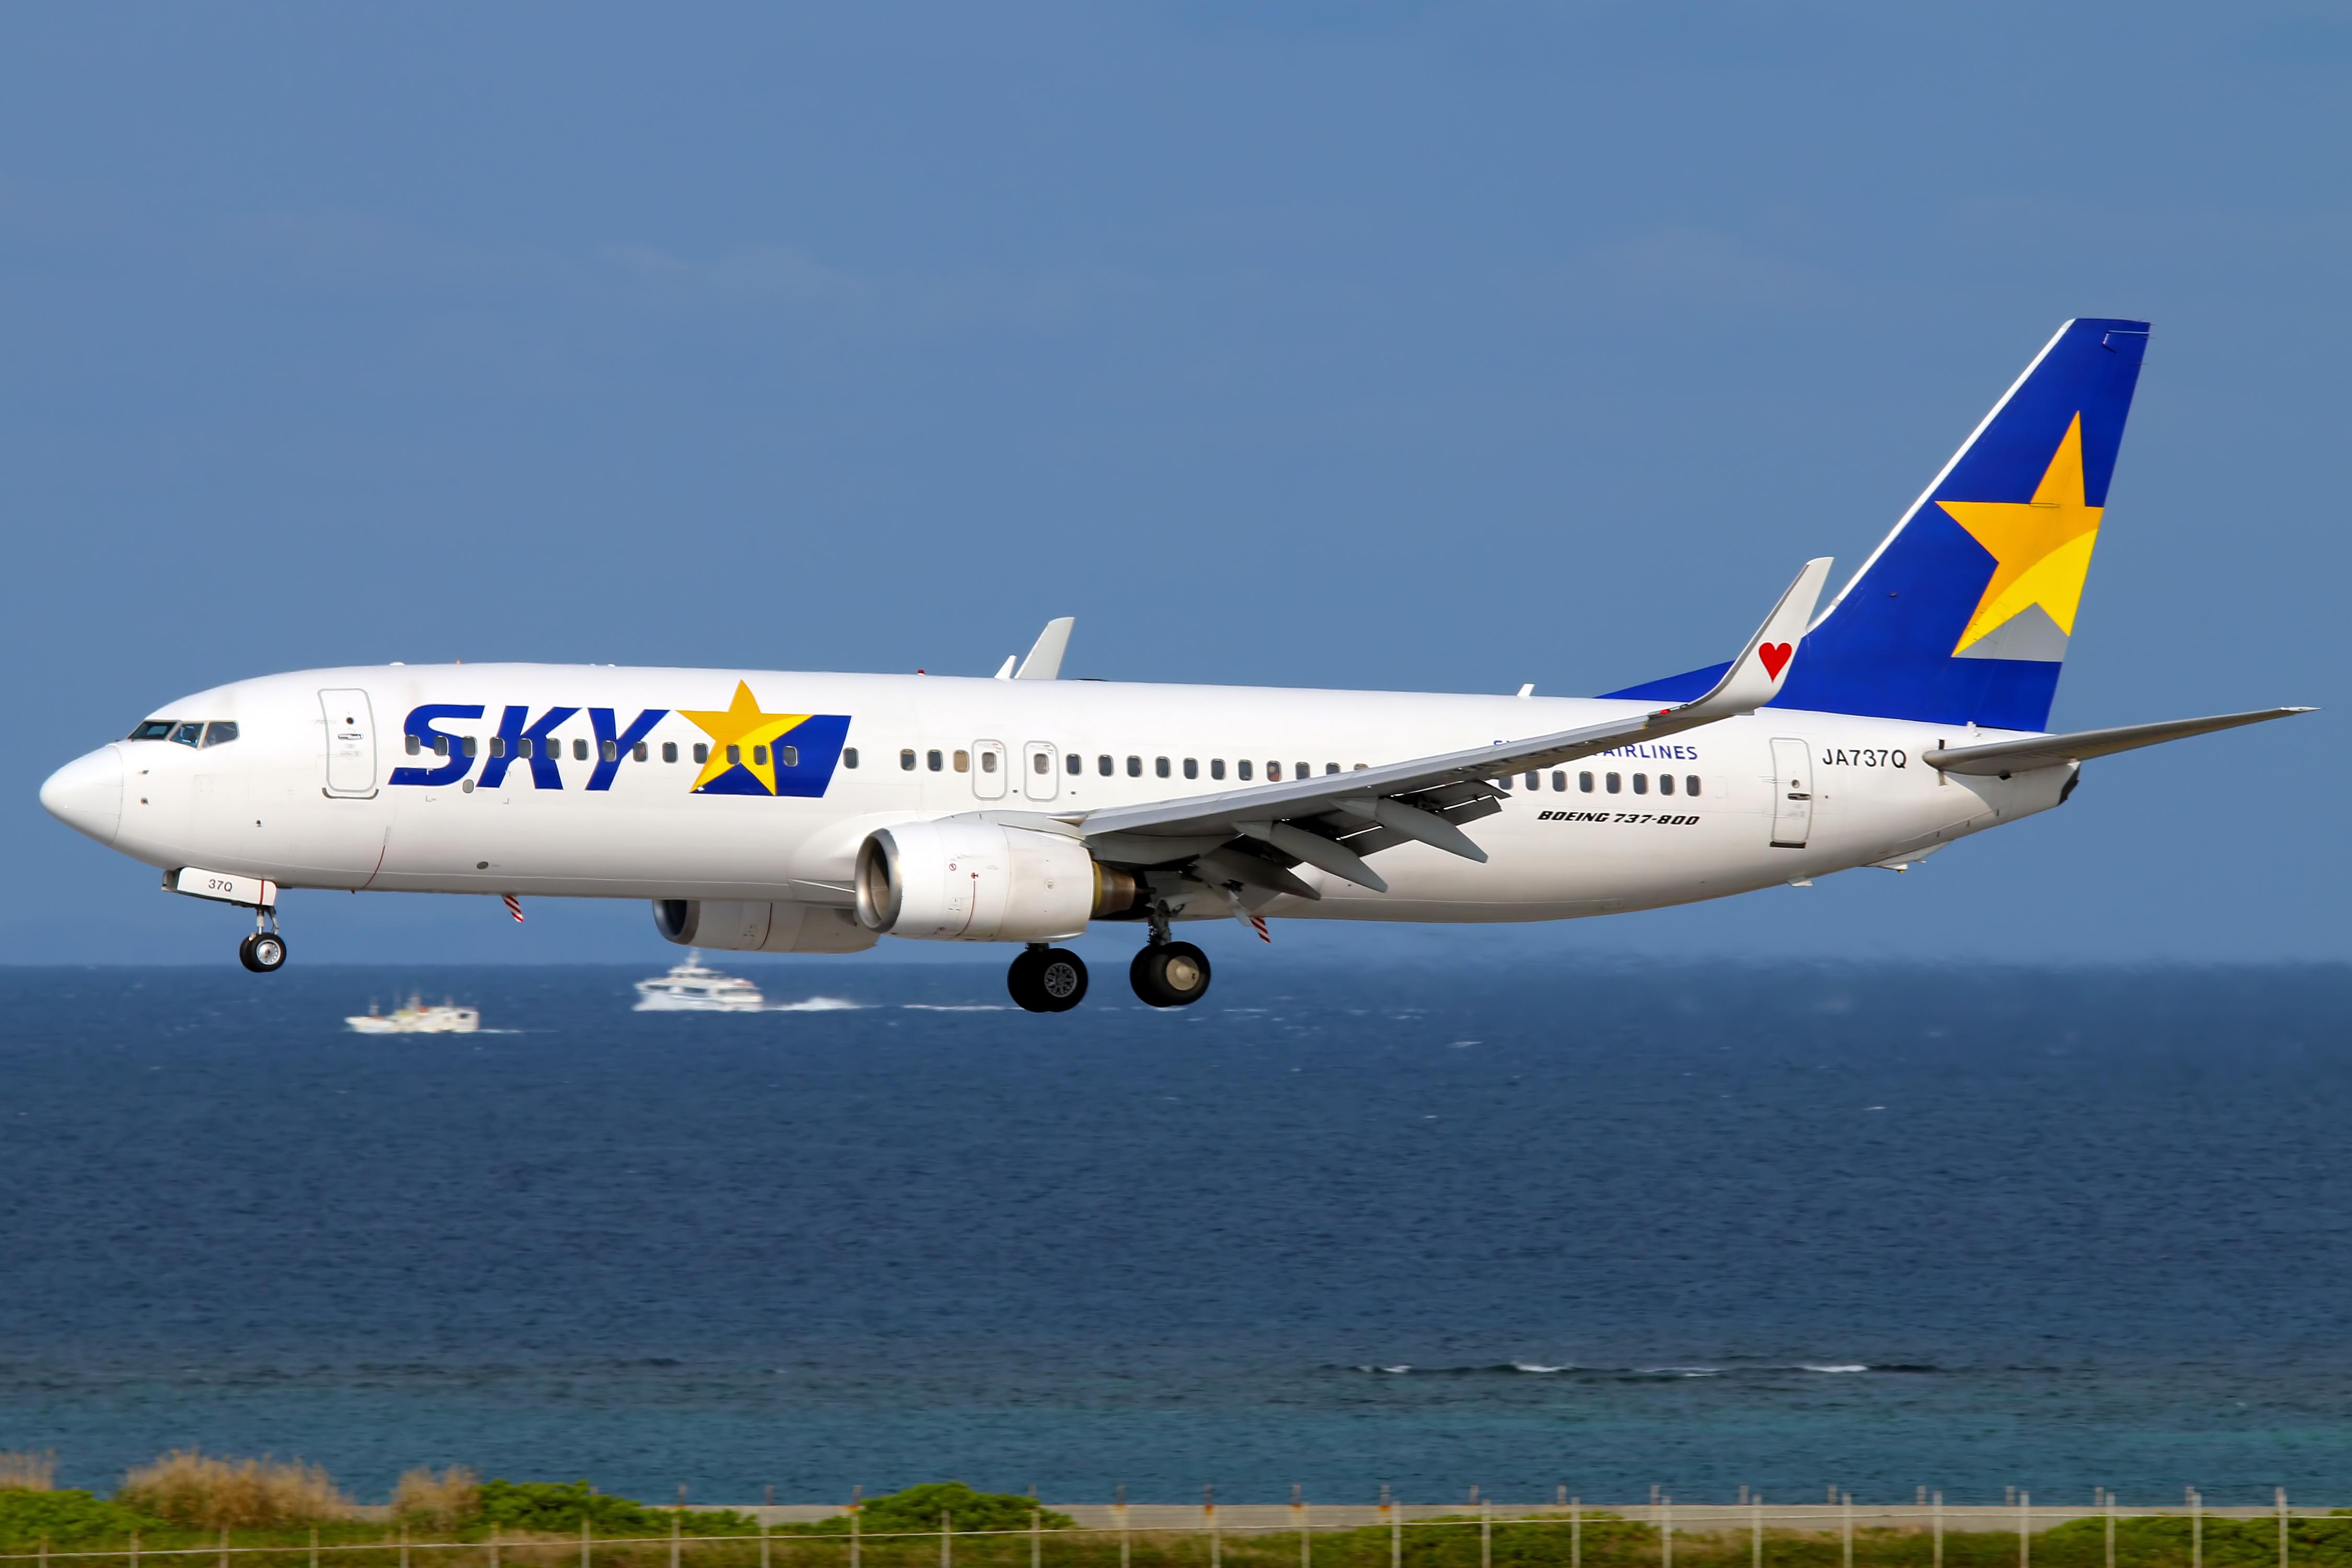 skymark airlines japan